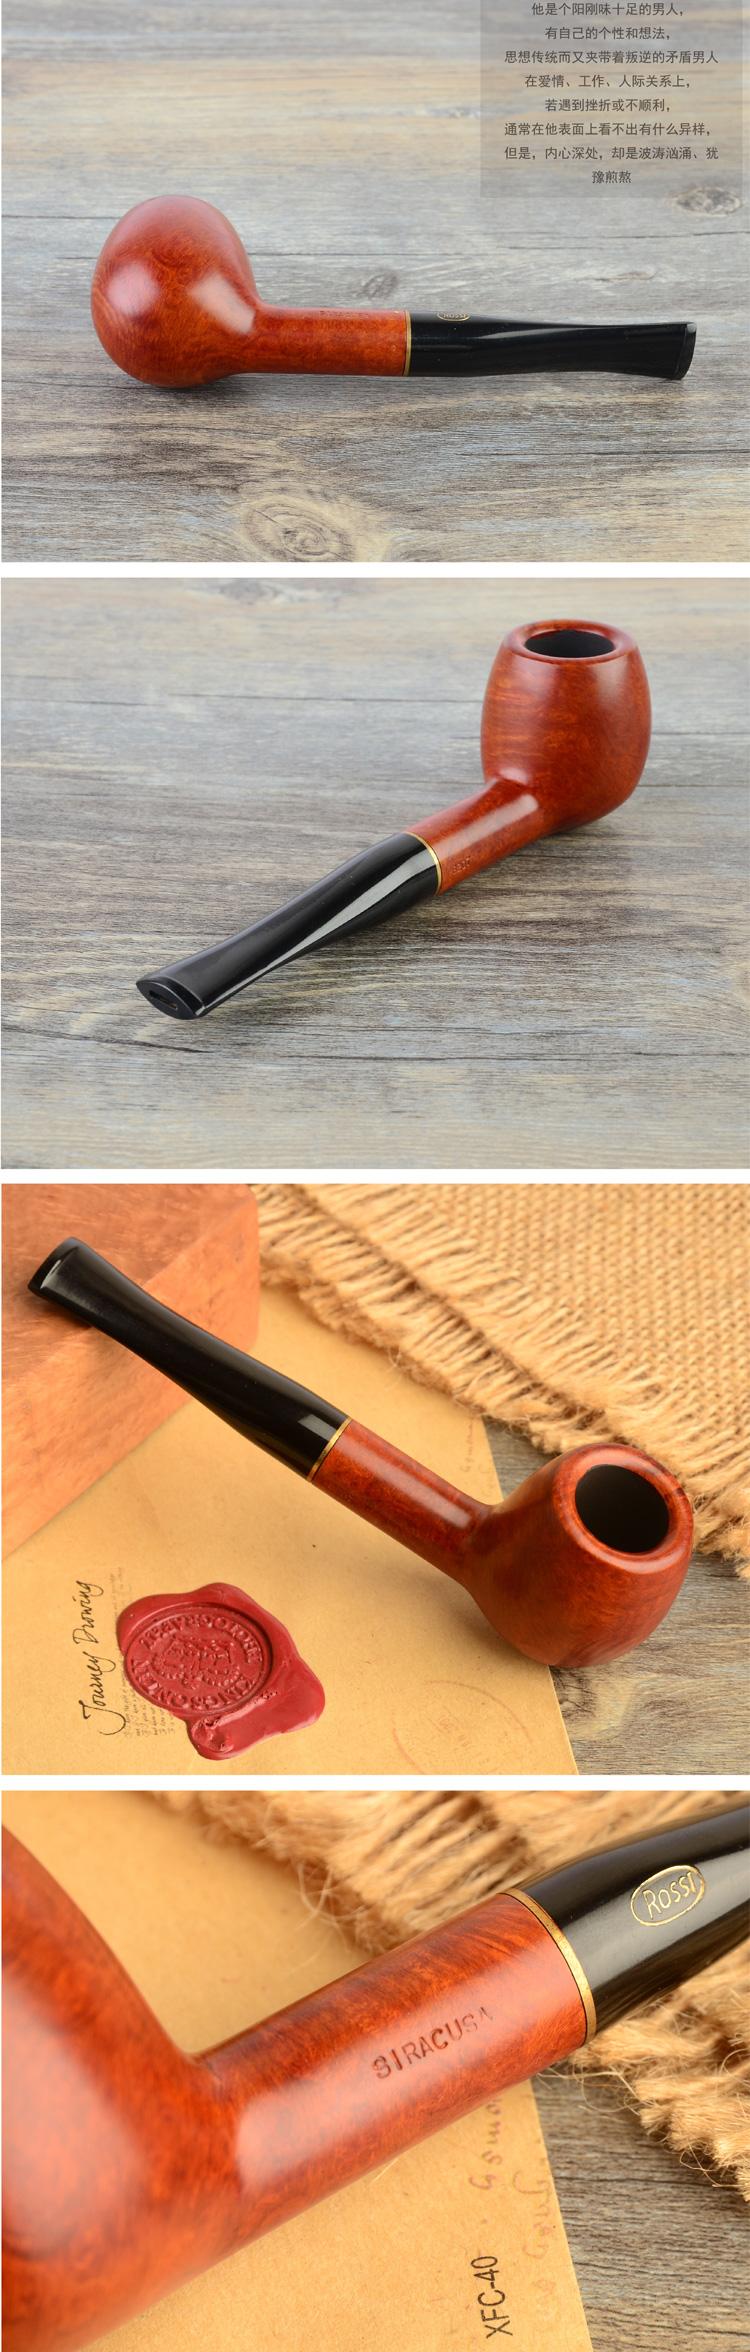 罗西rossi 意大利石楠木直式烟斗8207